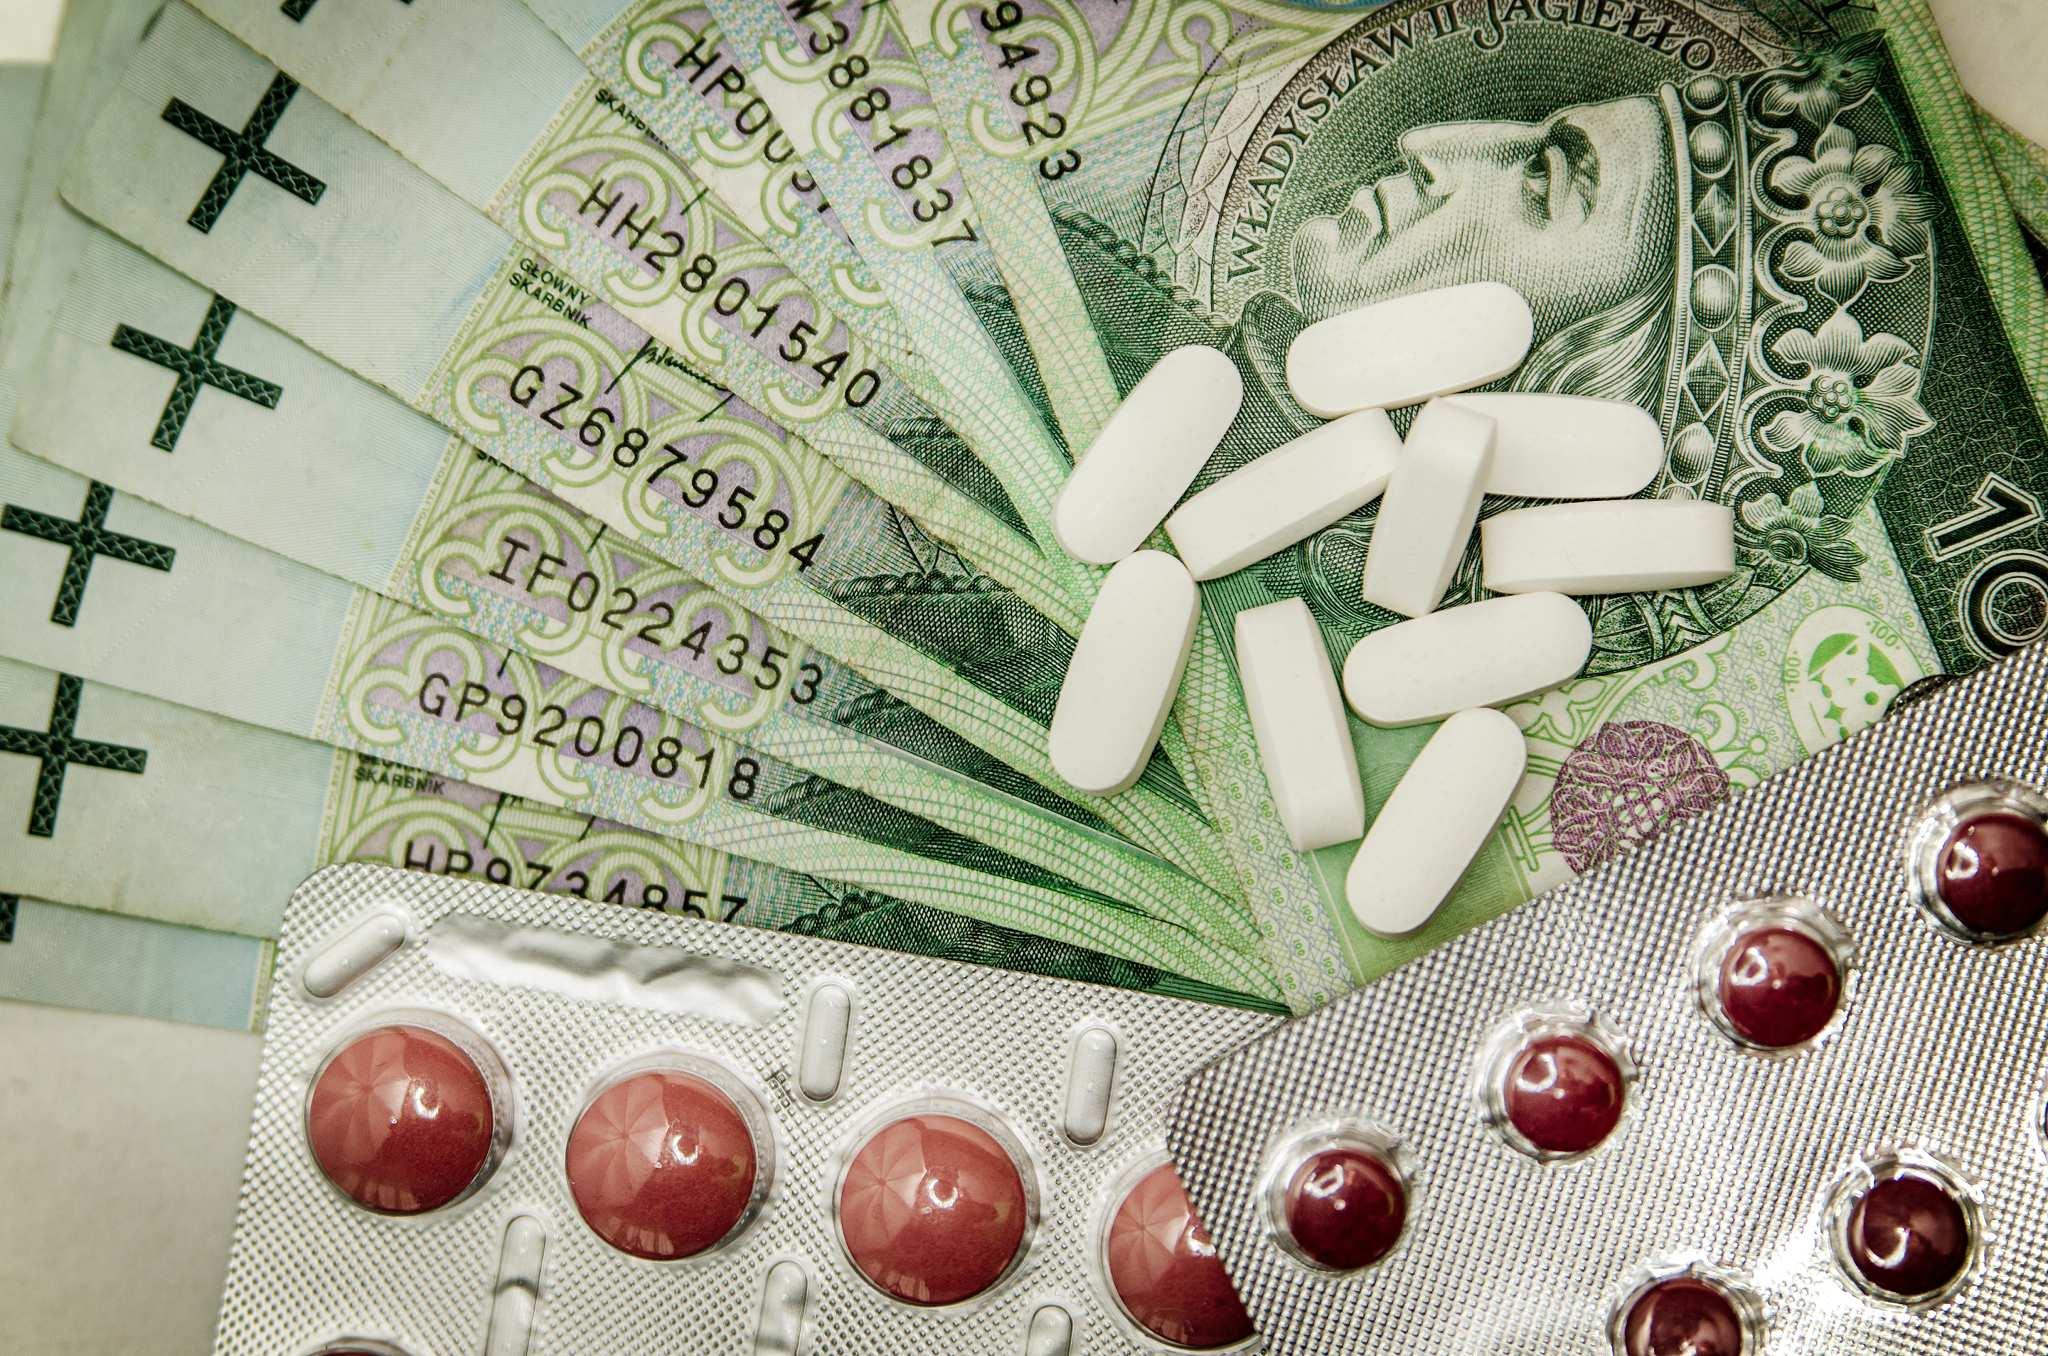 vaistai hipertenzijai gydyti iš Vokietijos)